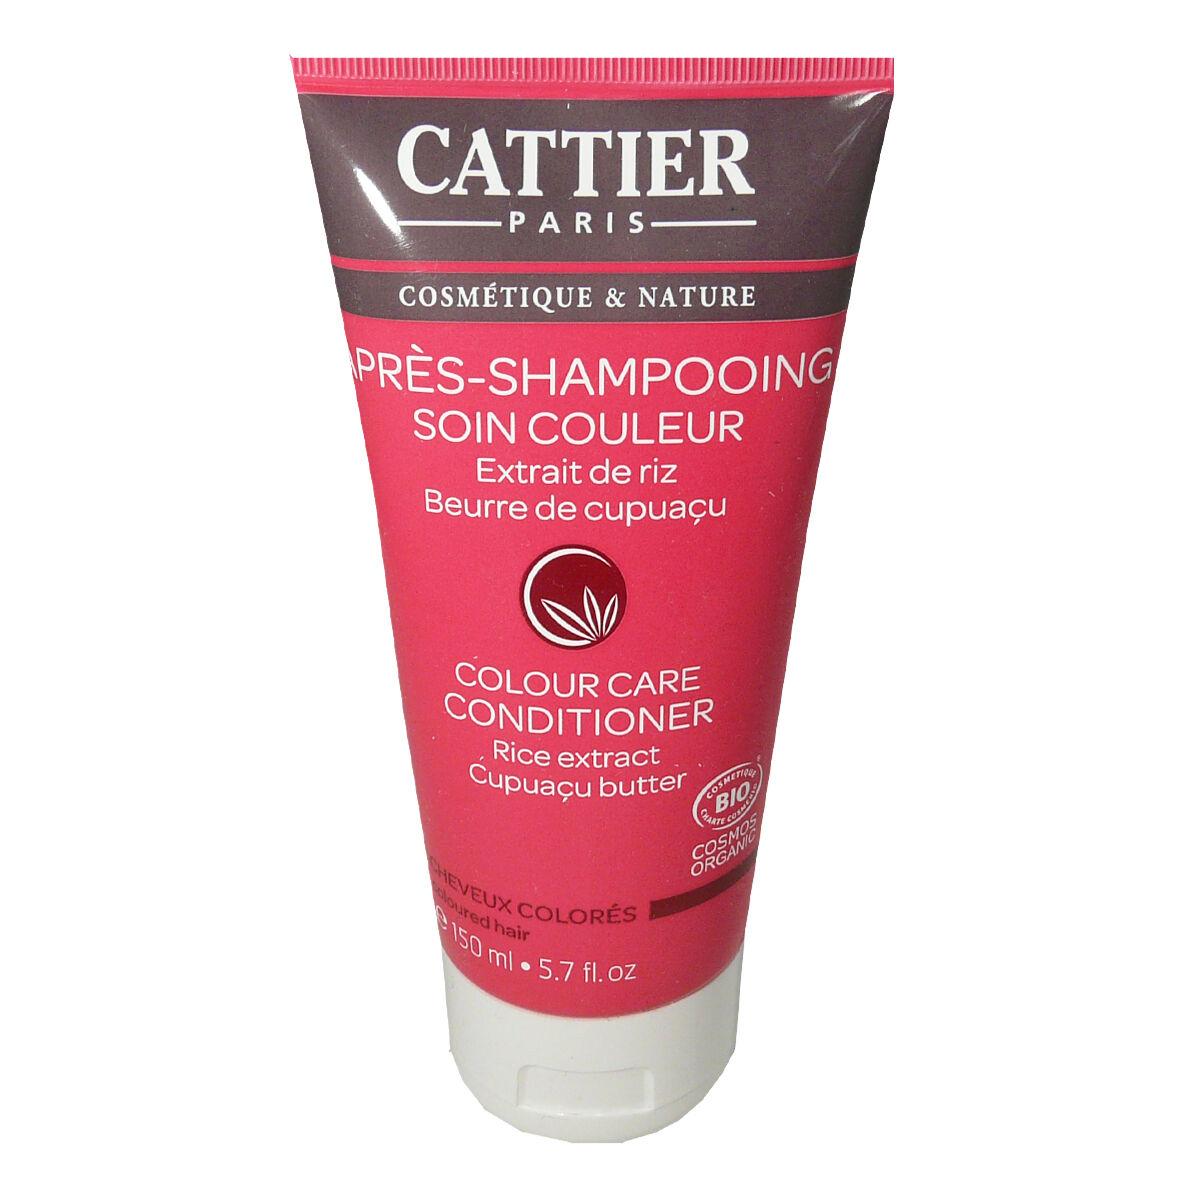 Cattier apres-shampooing soin couleur extrait de riz beurre de cupuacu 150 ml